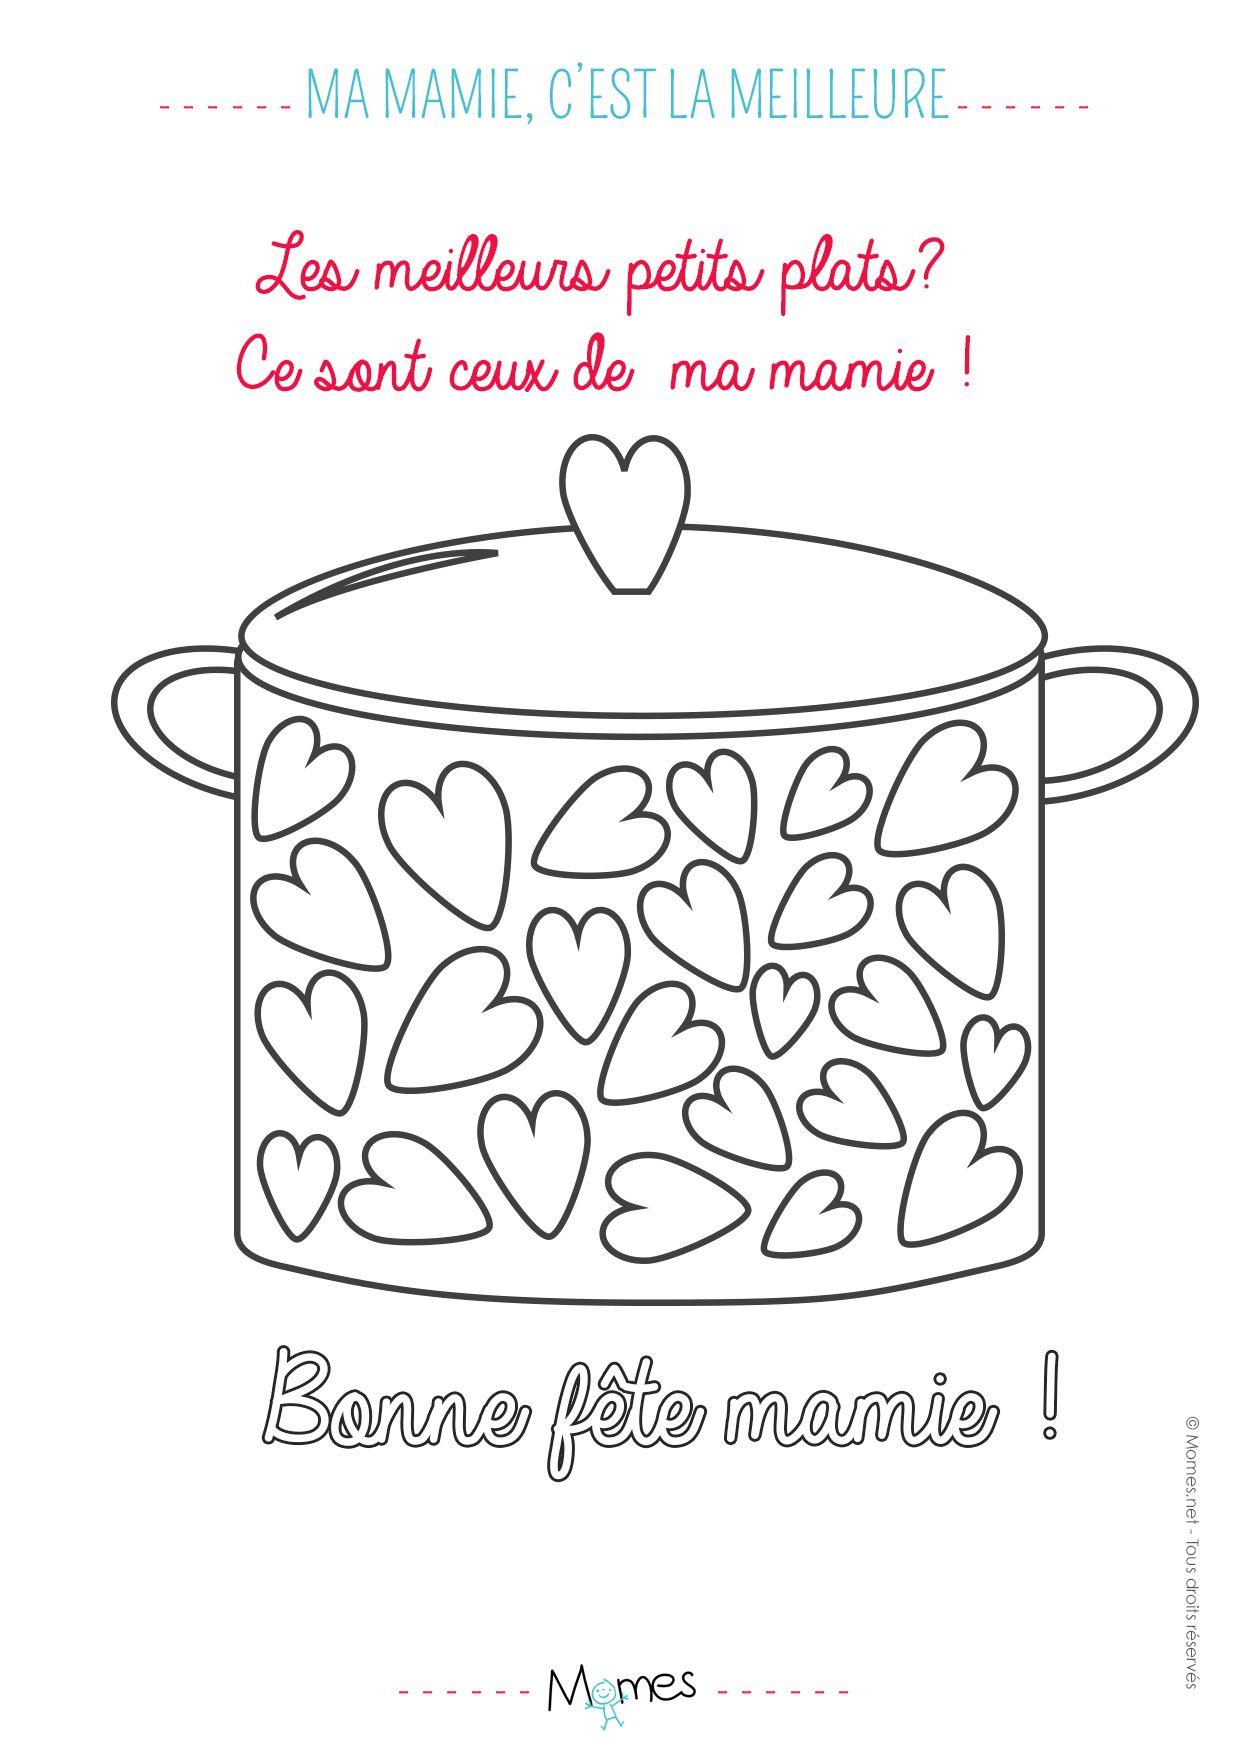 Coloriage Mamie Gateaux.Coloriage Mamie C Est La Meilleure Petits Plats Fete Des Grand